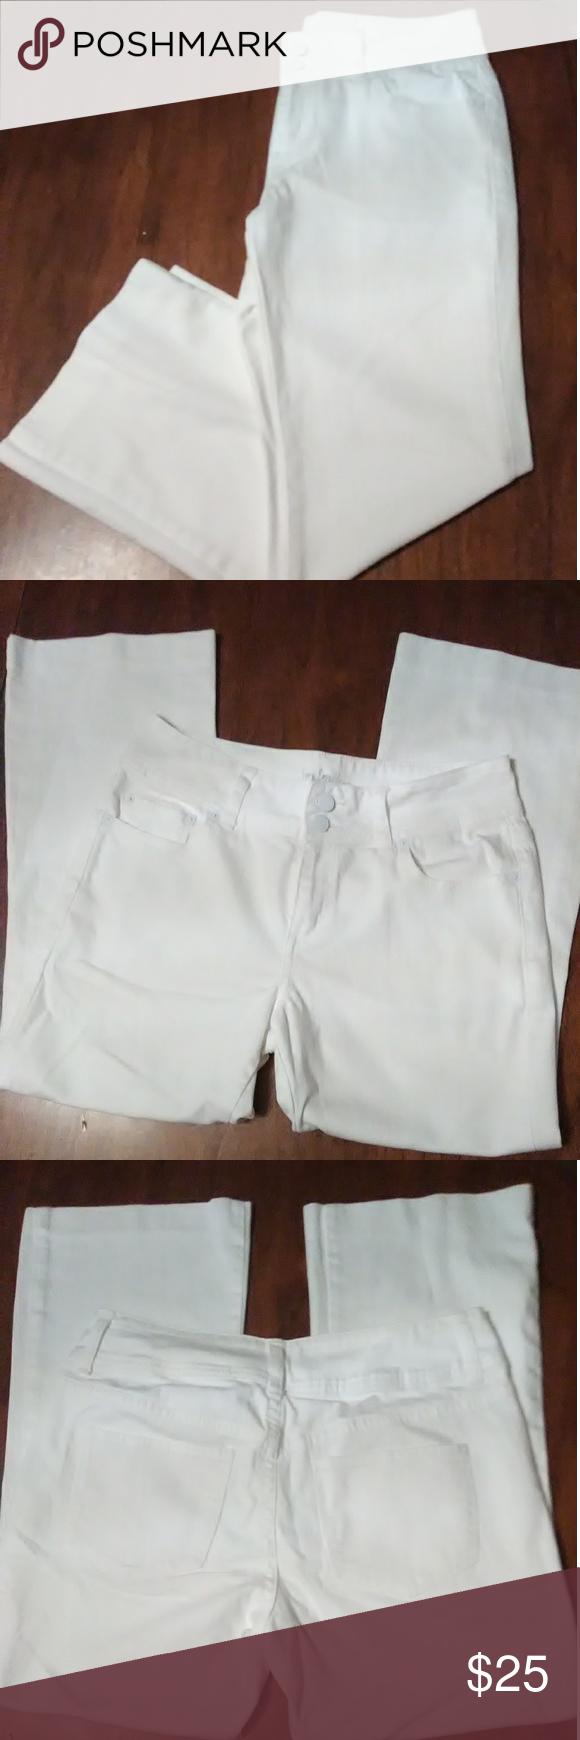 VS London Jean white capri jeans size 8 Offers VS